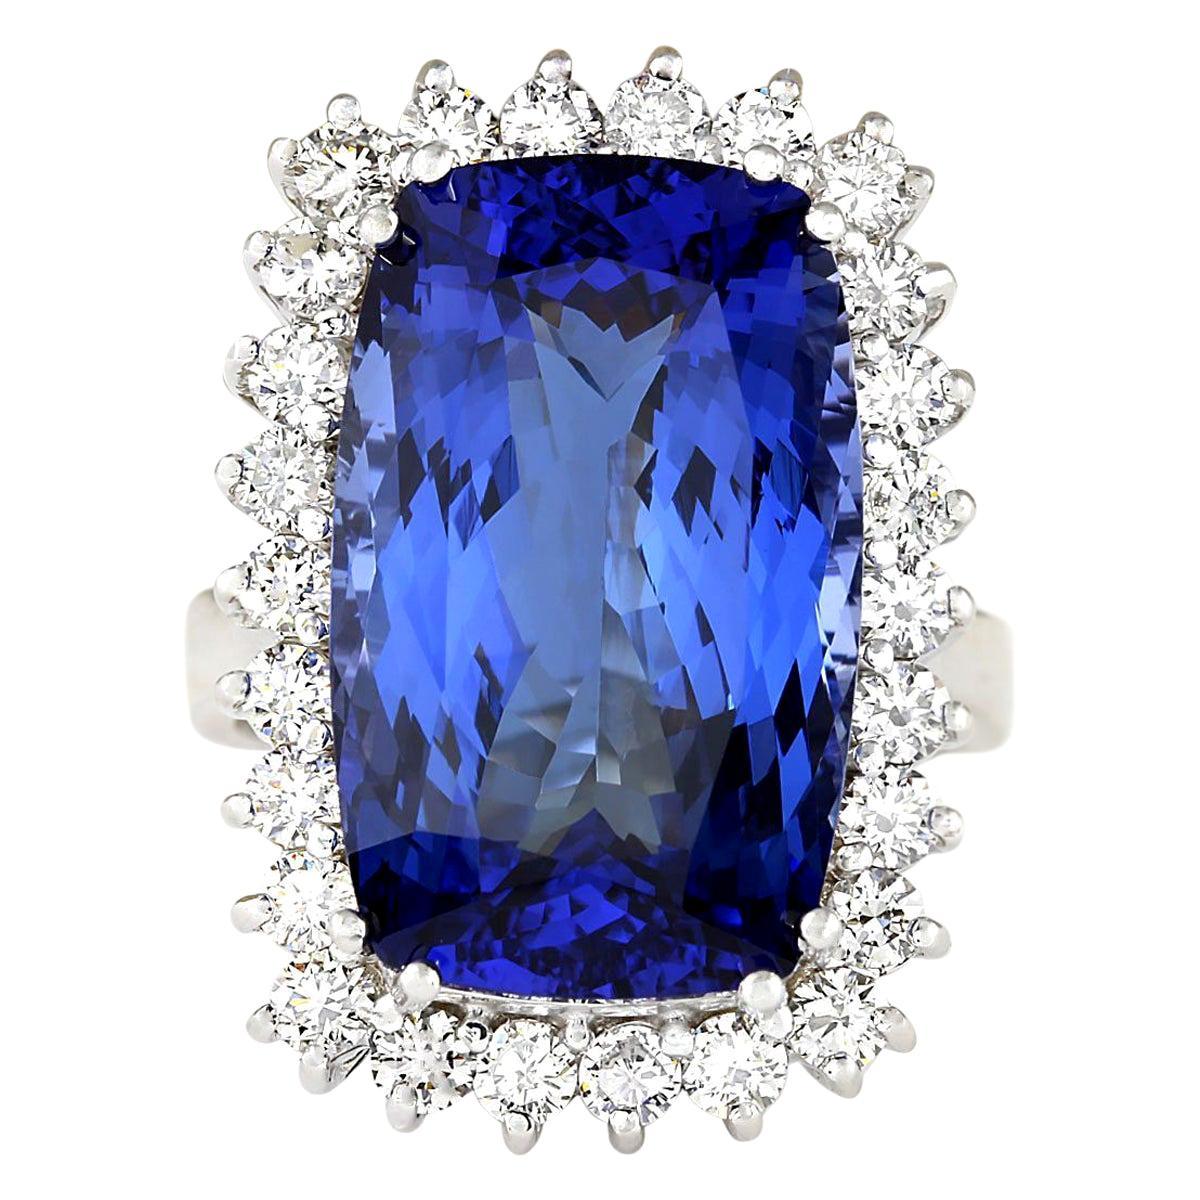 17.50 Carat Tanzanite 18 Karat White Gold Diamond Ring